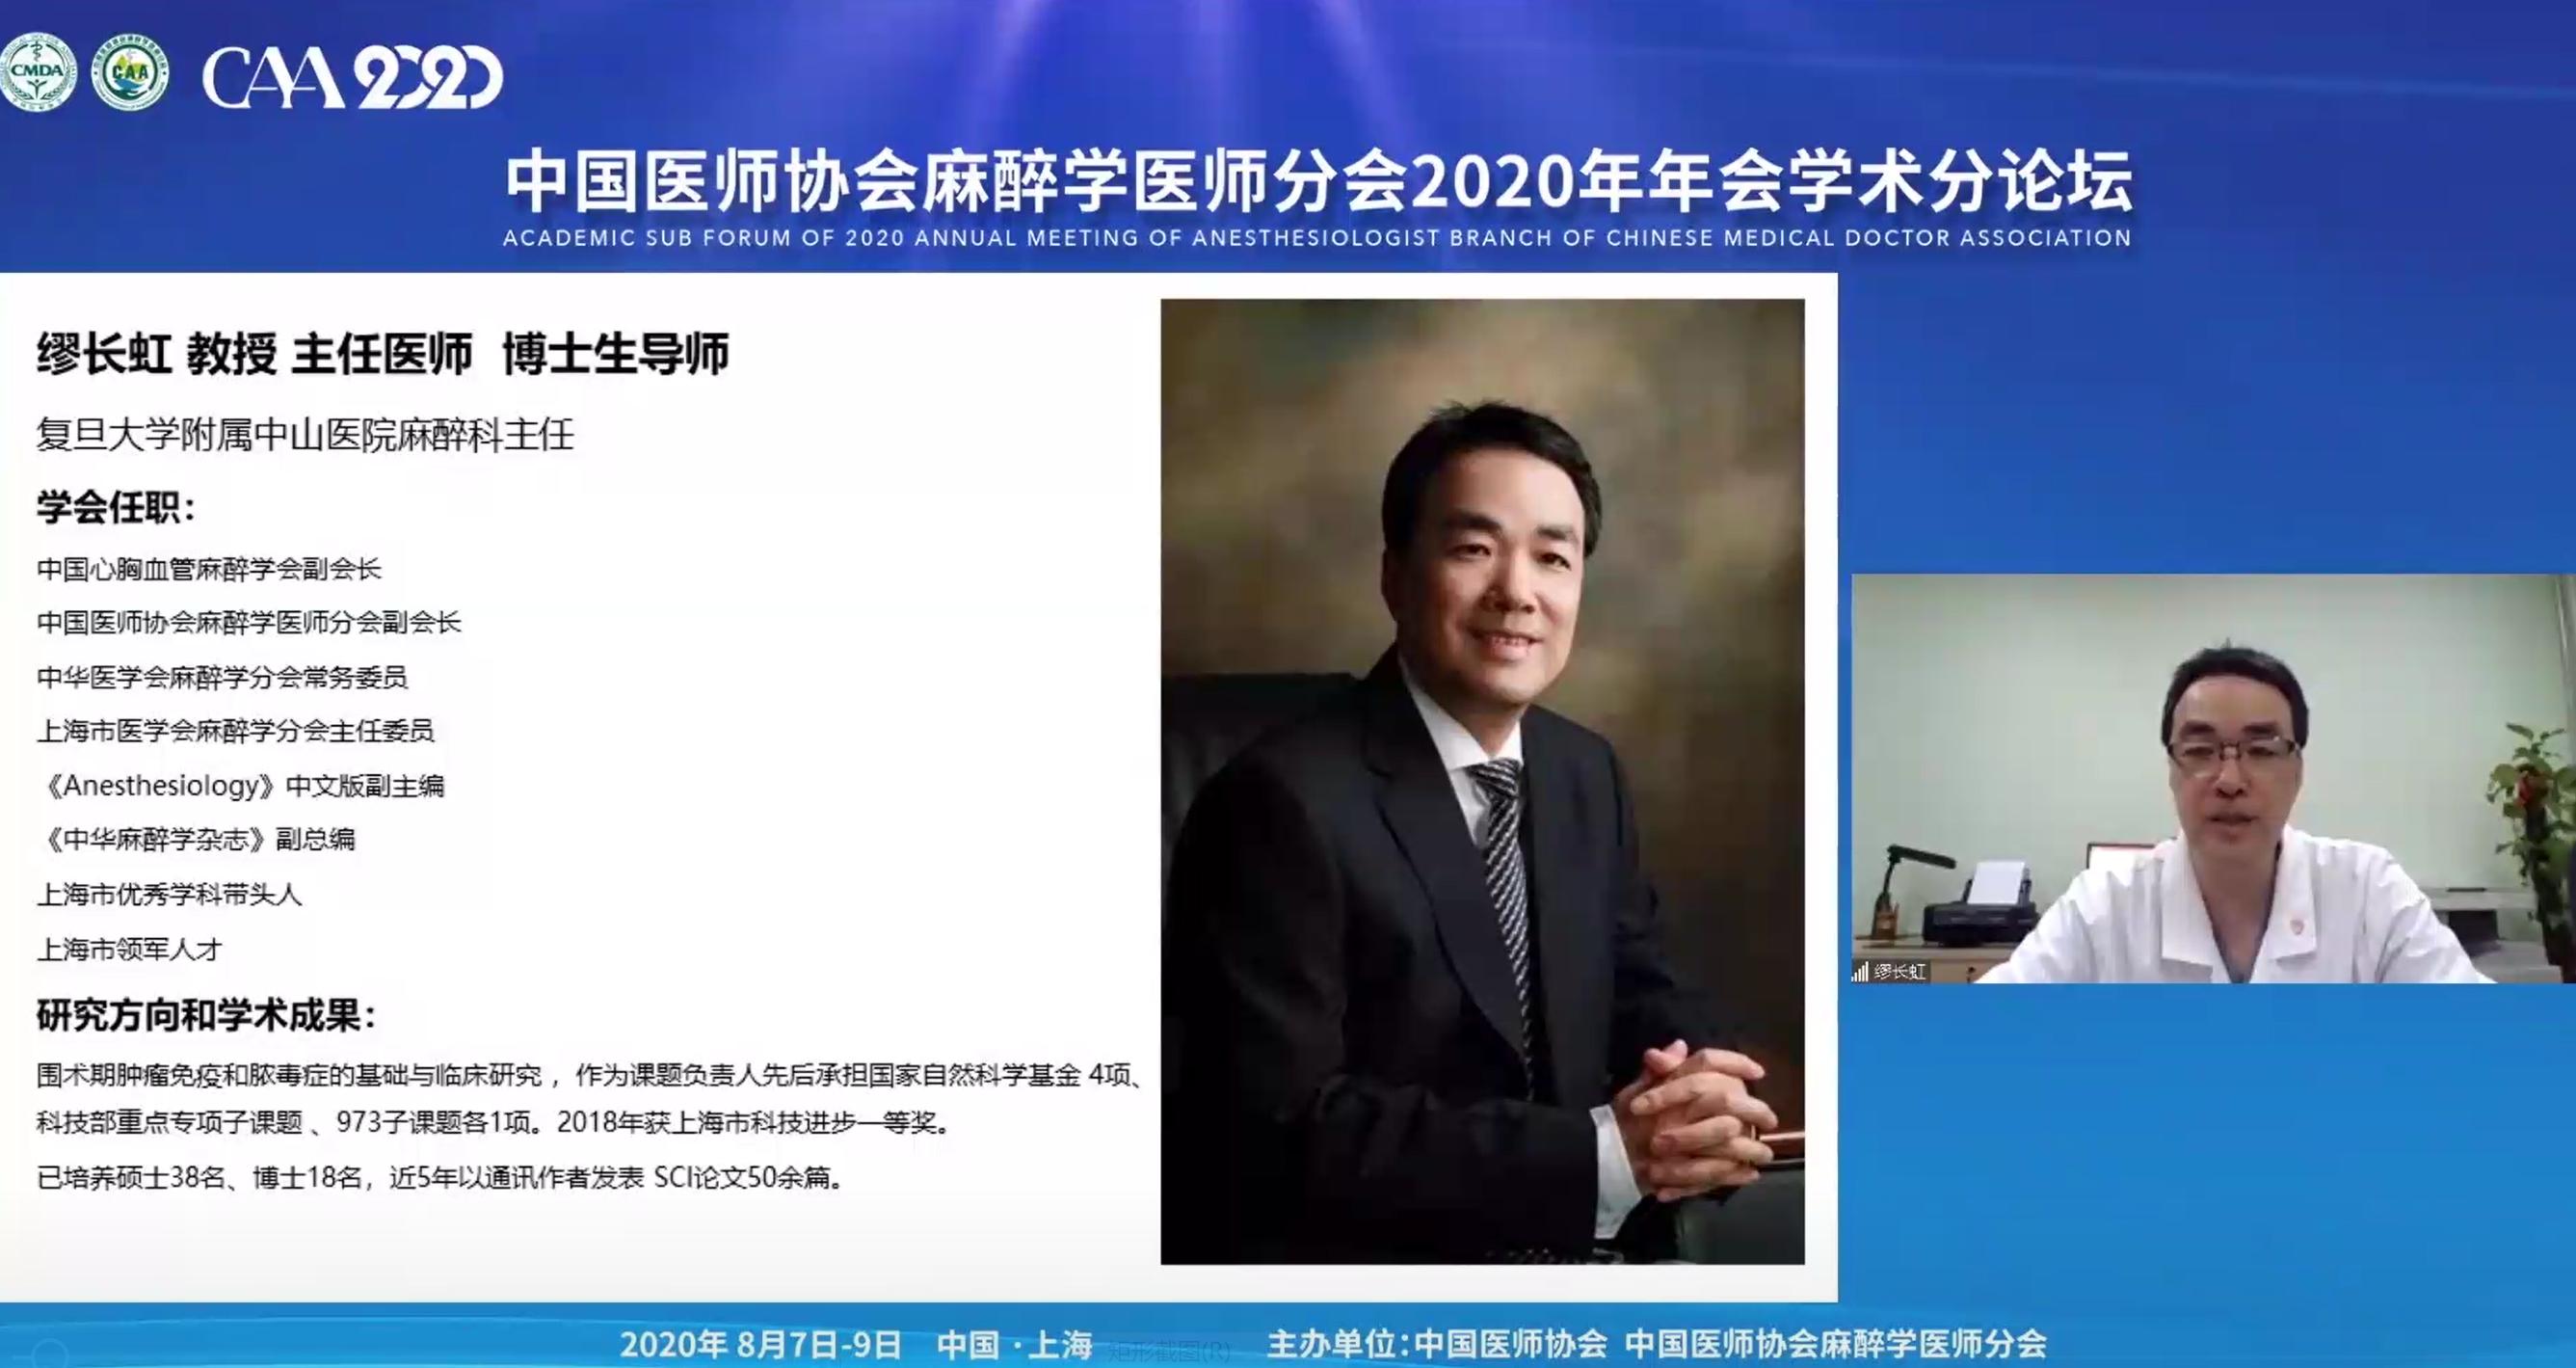 2020中国医师协会麻醉学分会学术讲座